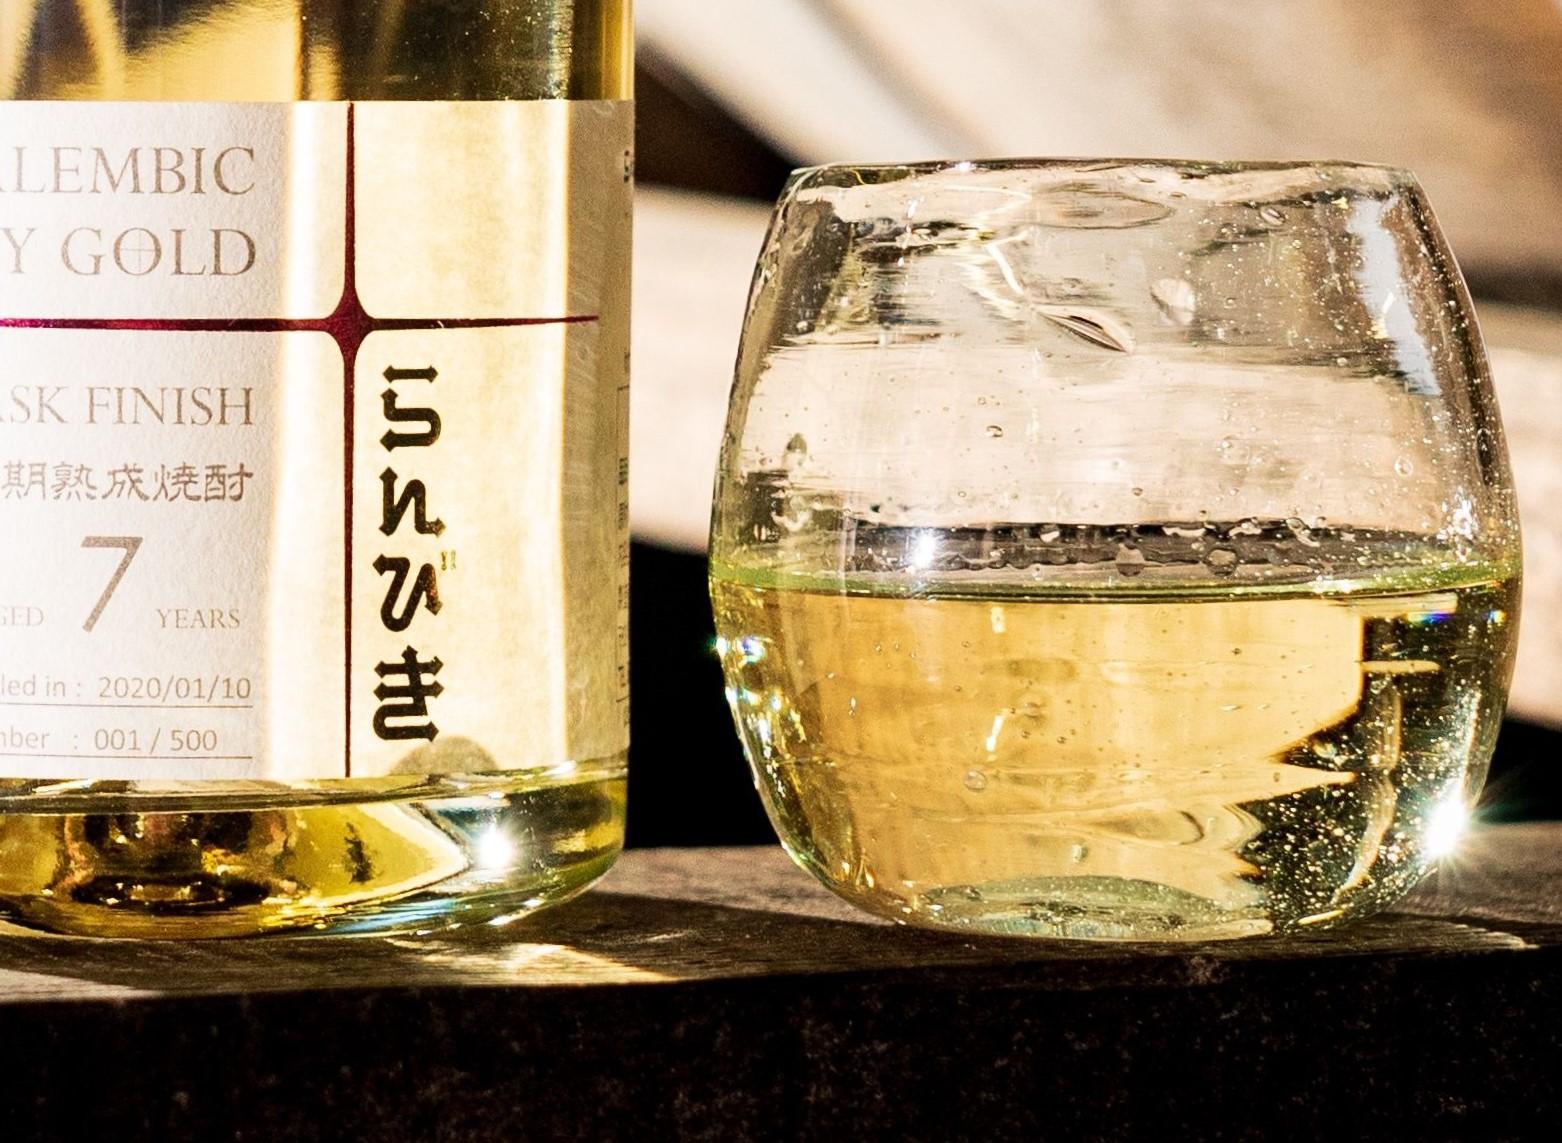 【えびす酒造】 らんびき SHINY GOLD SAKURA CASK FINISH 7年 麦焼酎42度 500ml